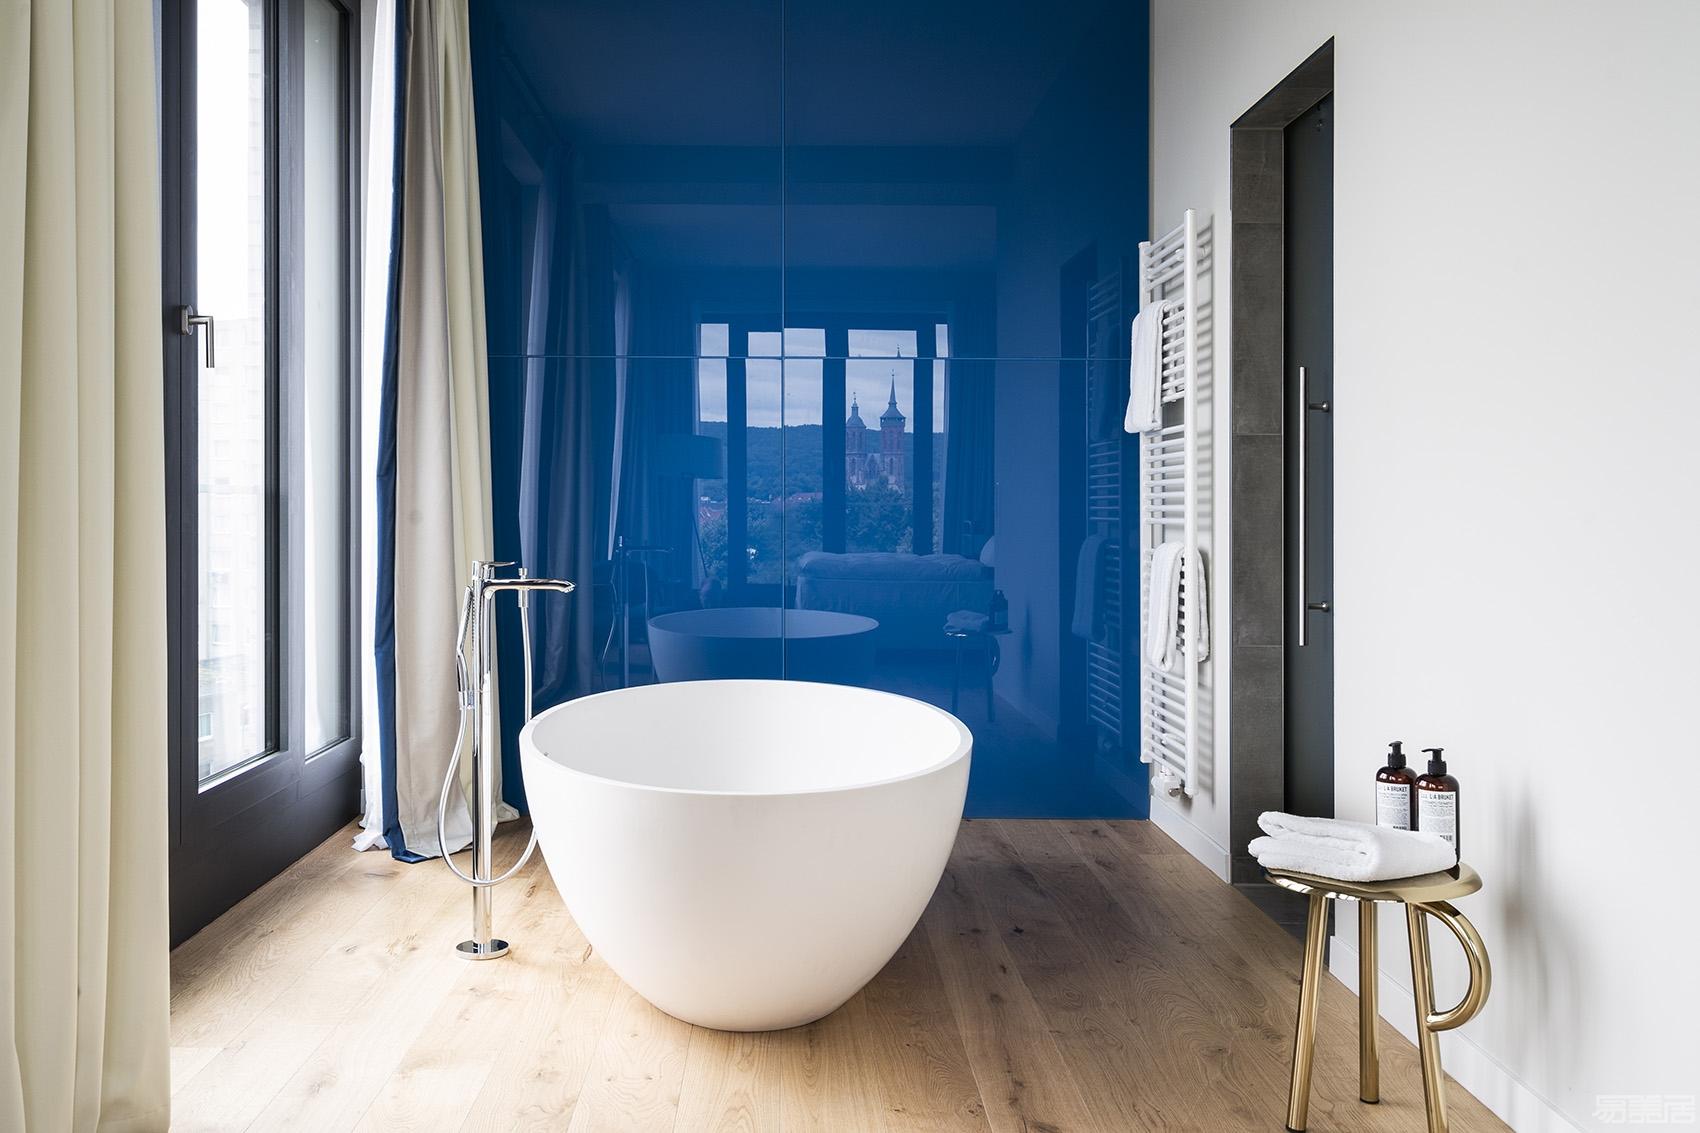 009-hotel-freigeist-gottingen-by-ahrens-grabenhorst-architekten-frank-kassner.jpg